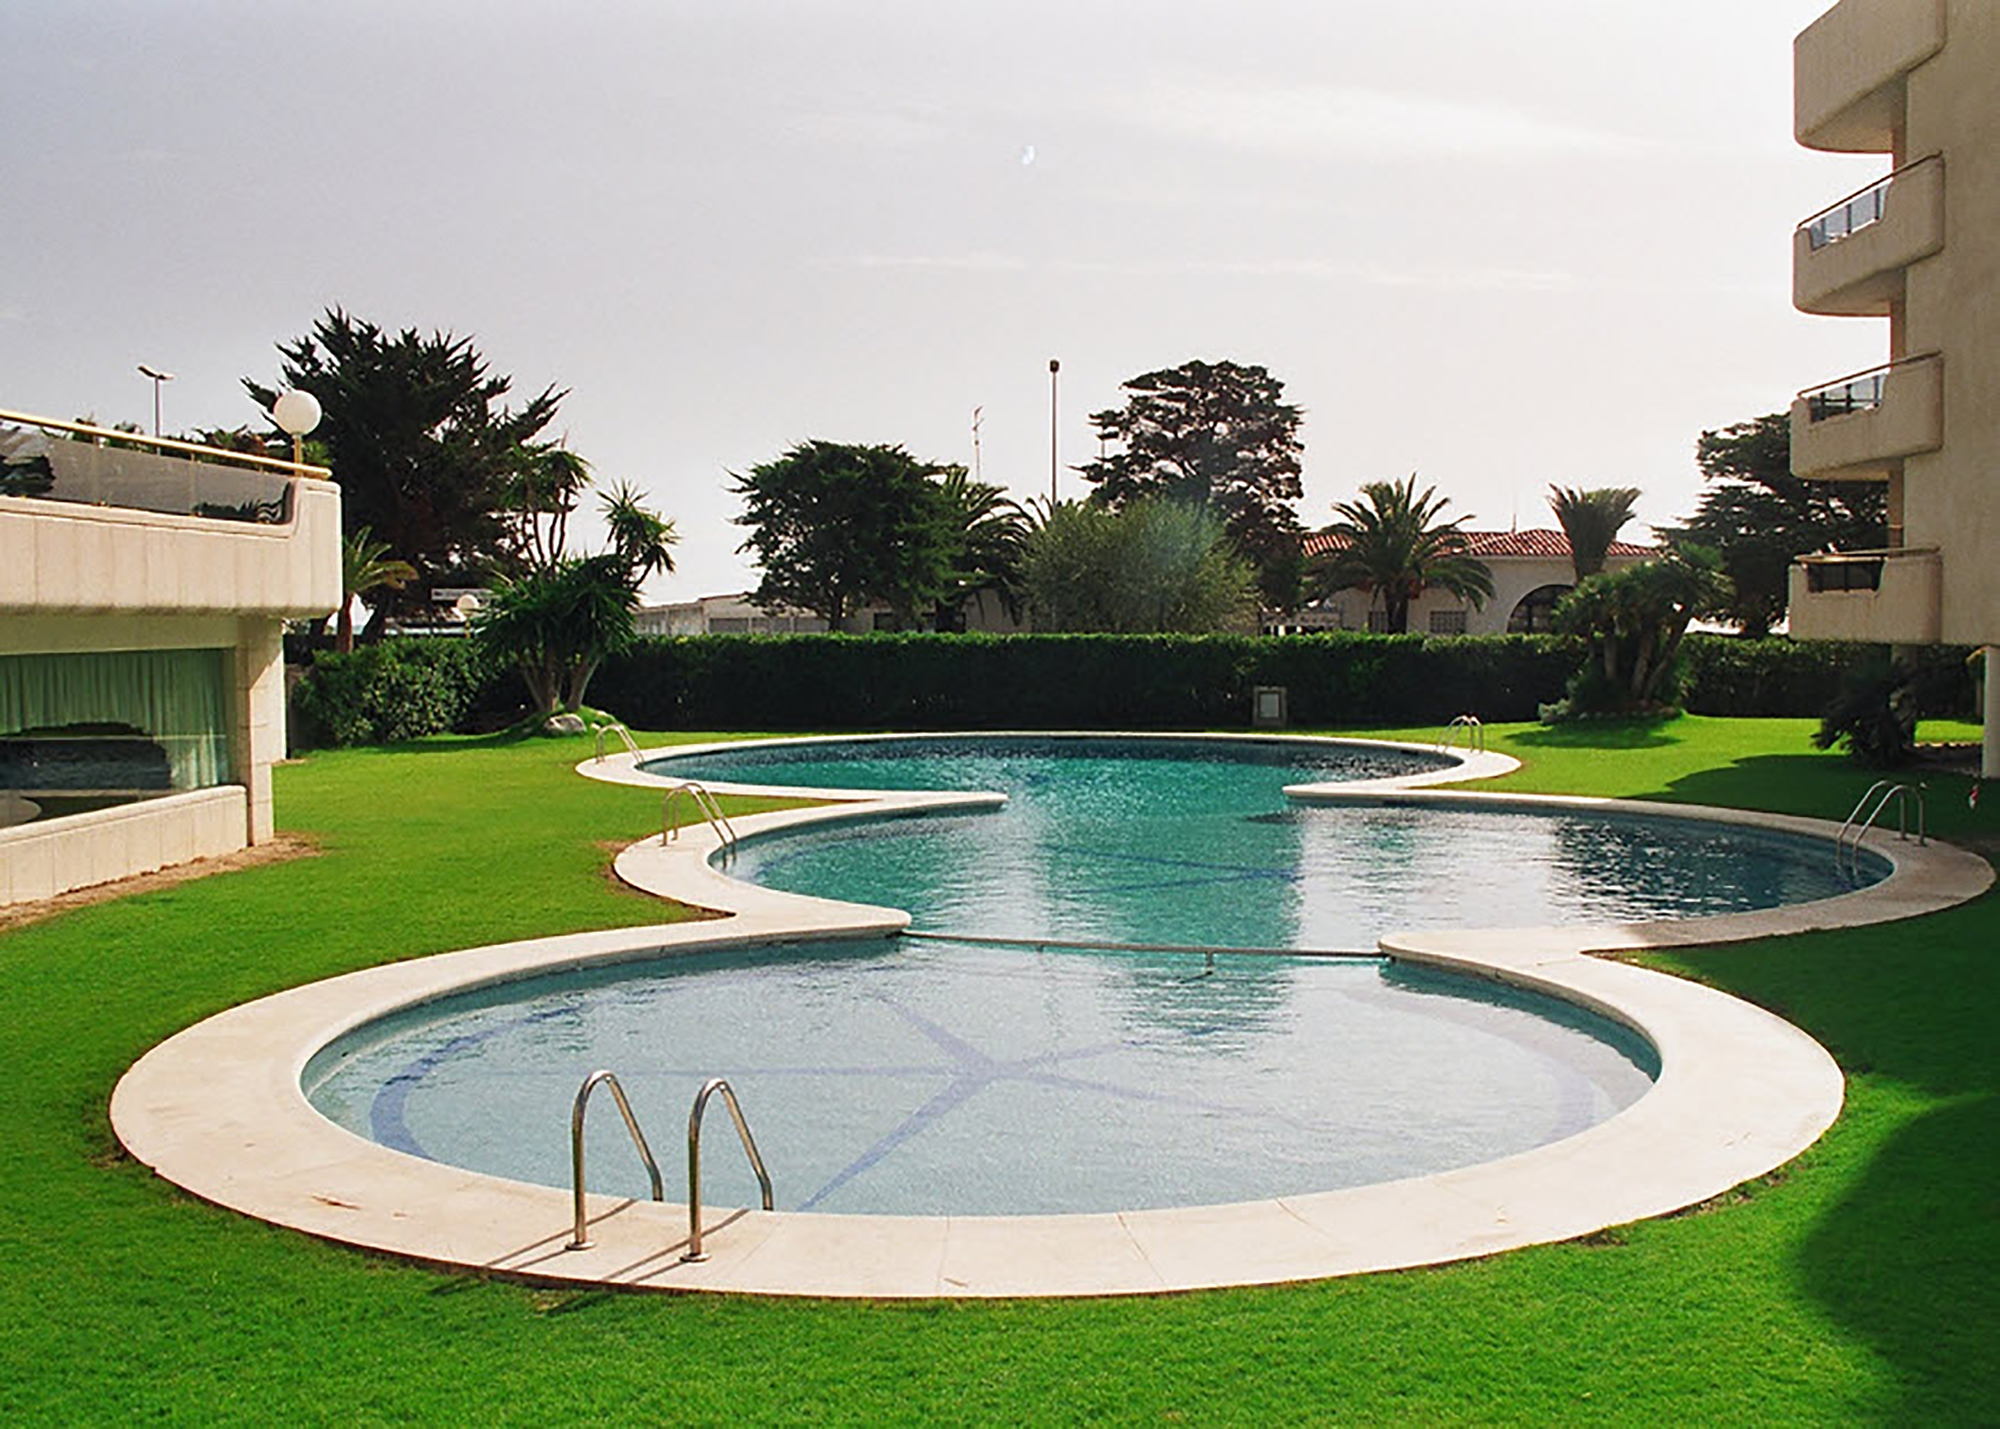 Remete de piscina en piedra artificial con formas circulares